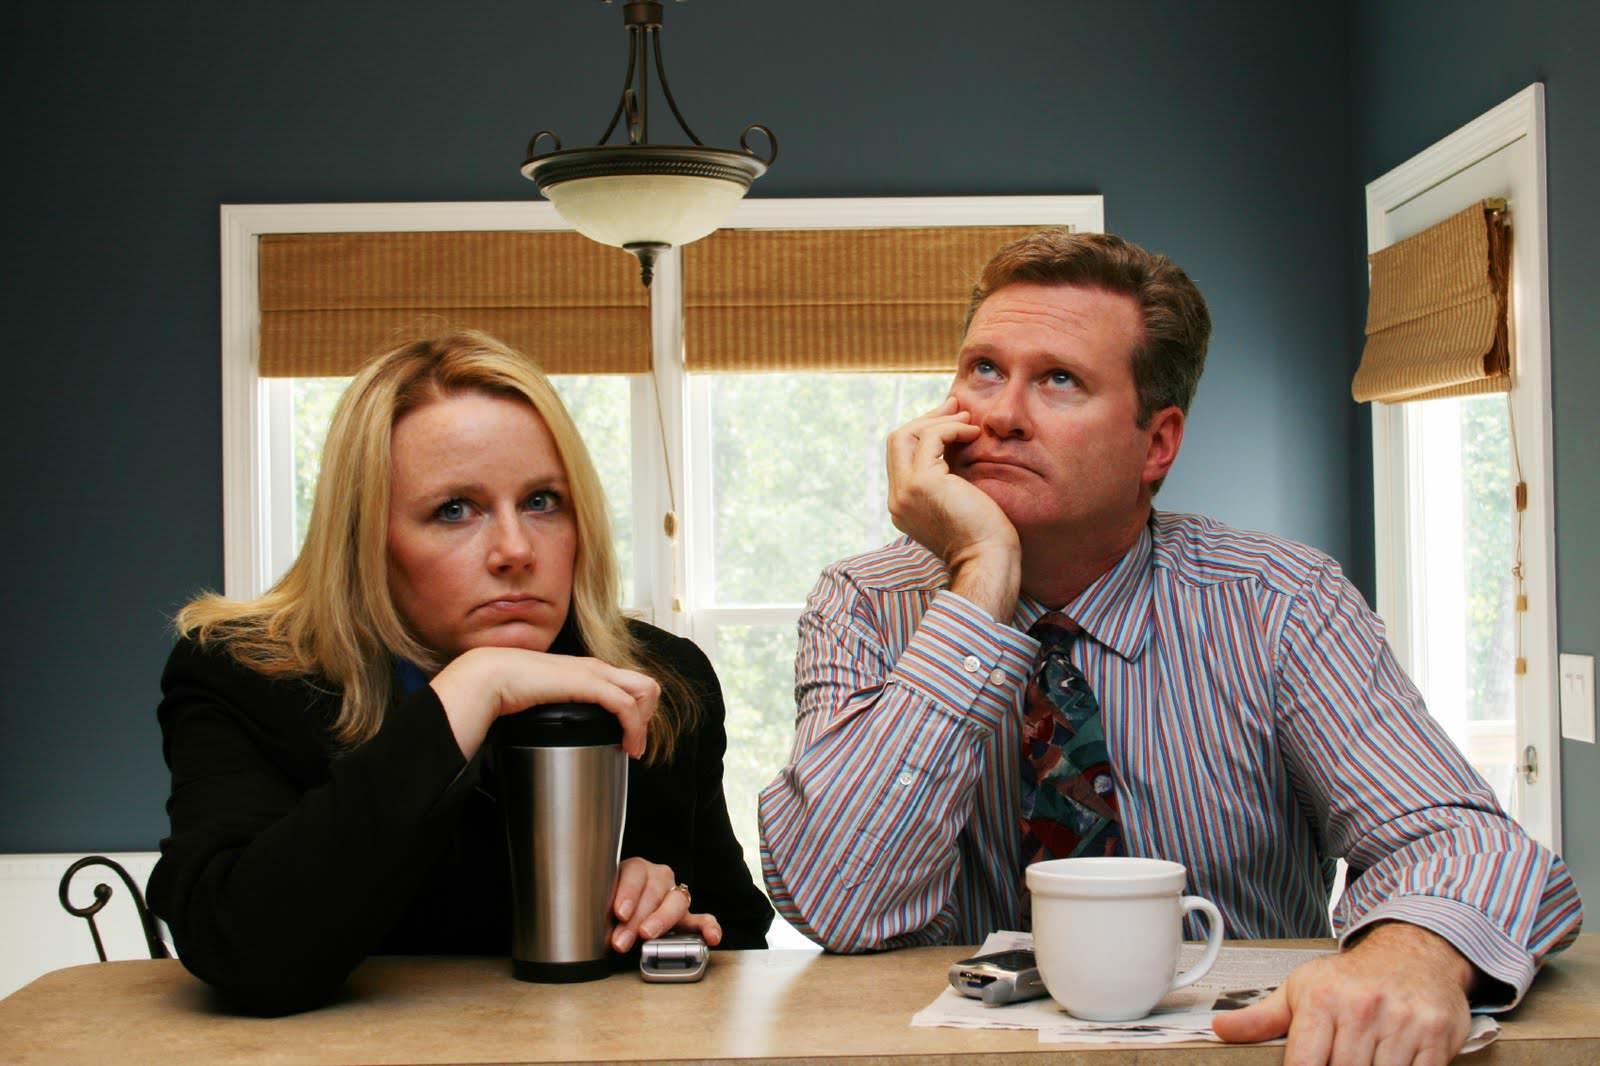 Какие обязанности есть у супругов